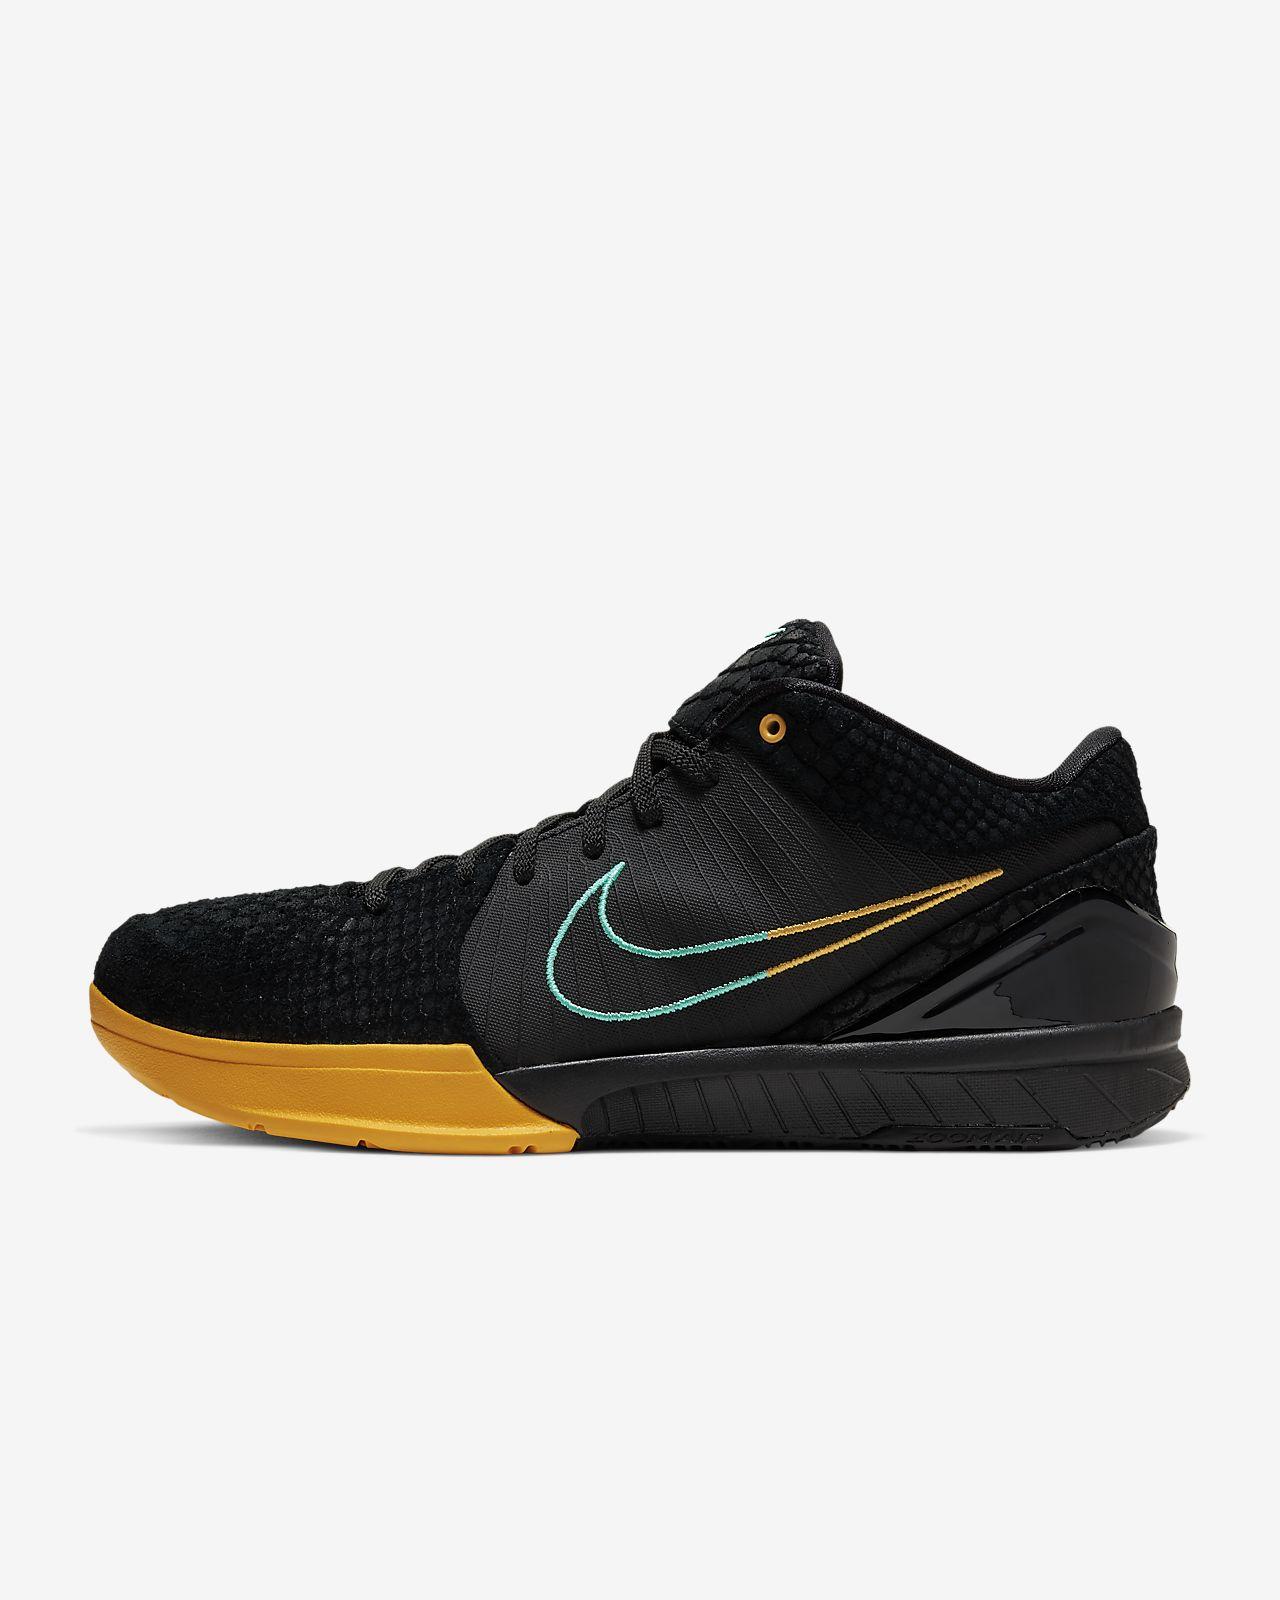 Sapatilhas de basquetebol Kobe IV Protro